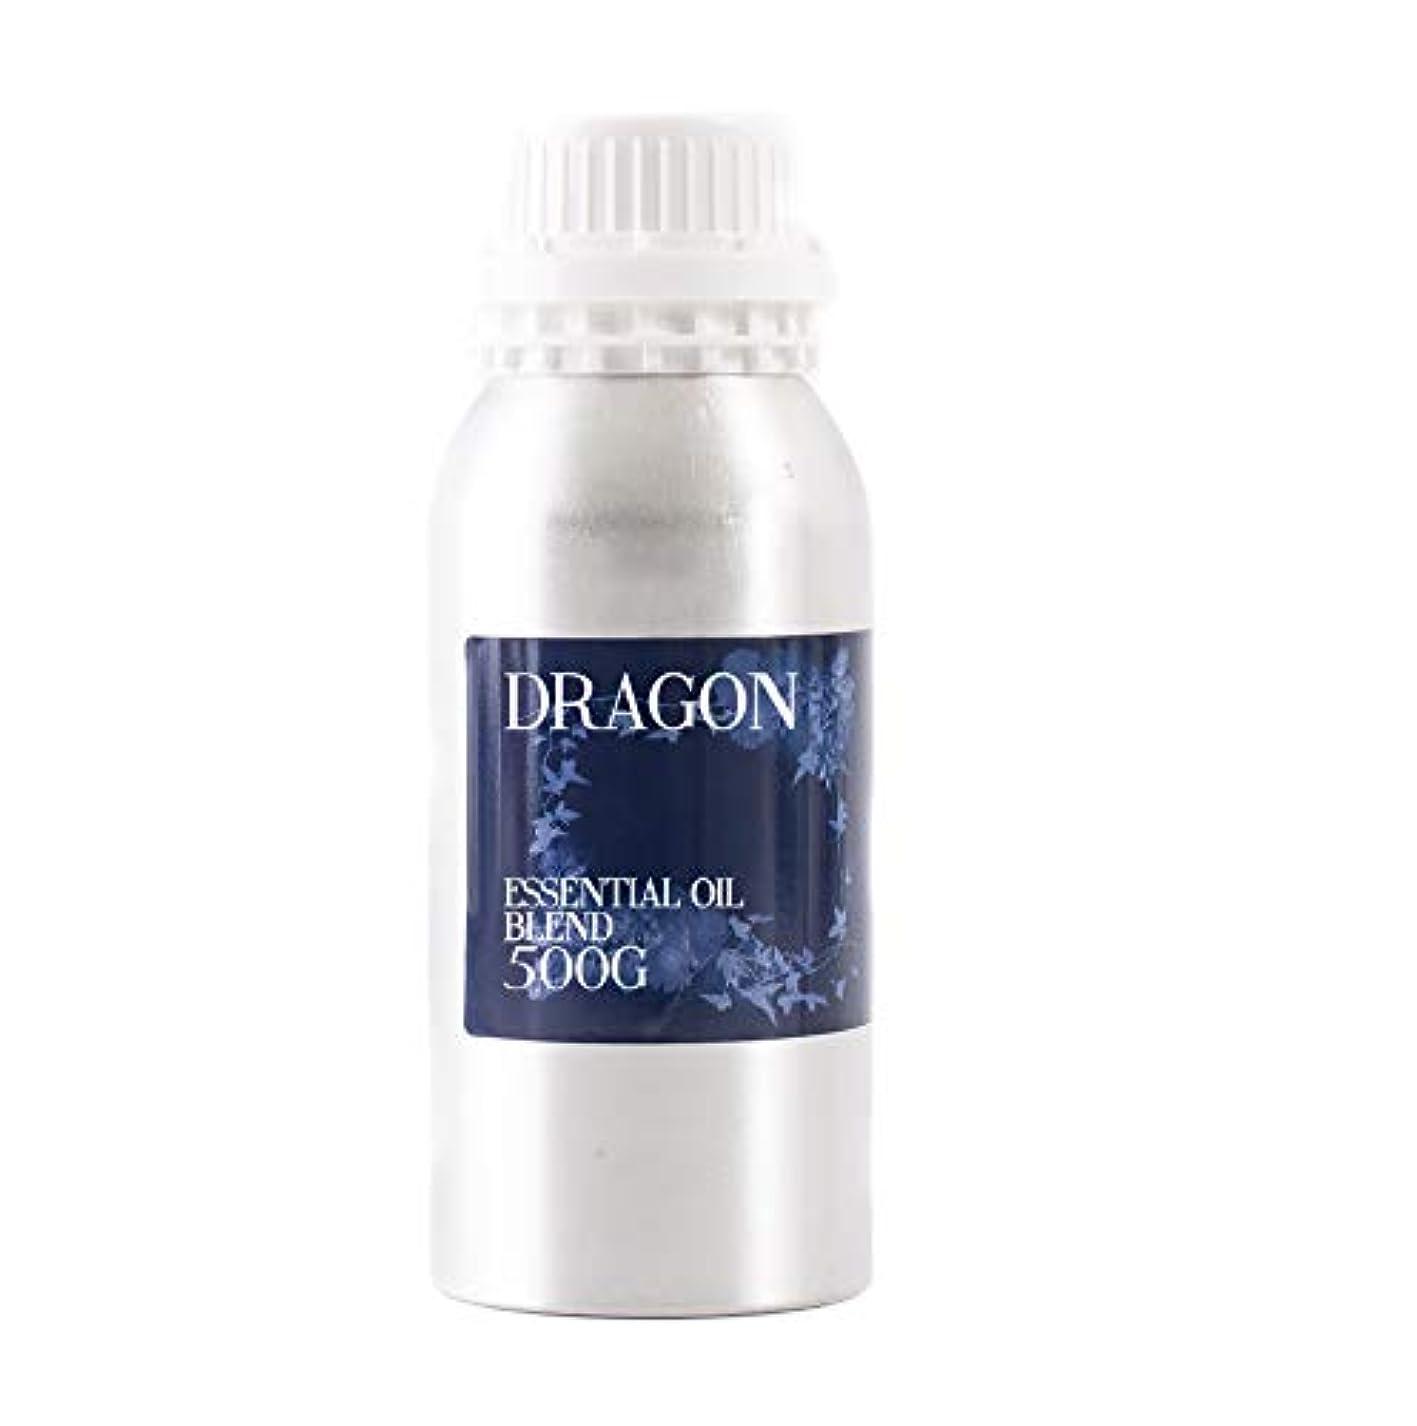 ベルベット山積みの鼓舞するMystix London | Dragon | Chinese Zodiac Essential Oil Blend 500g